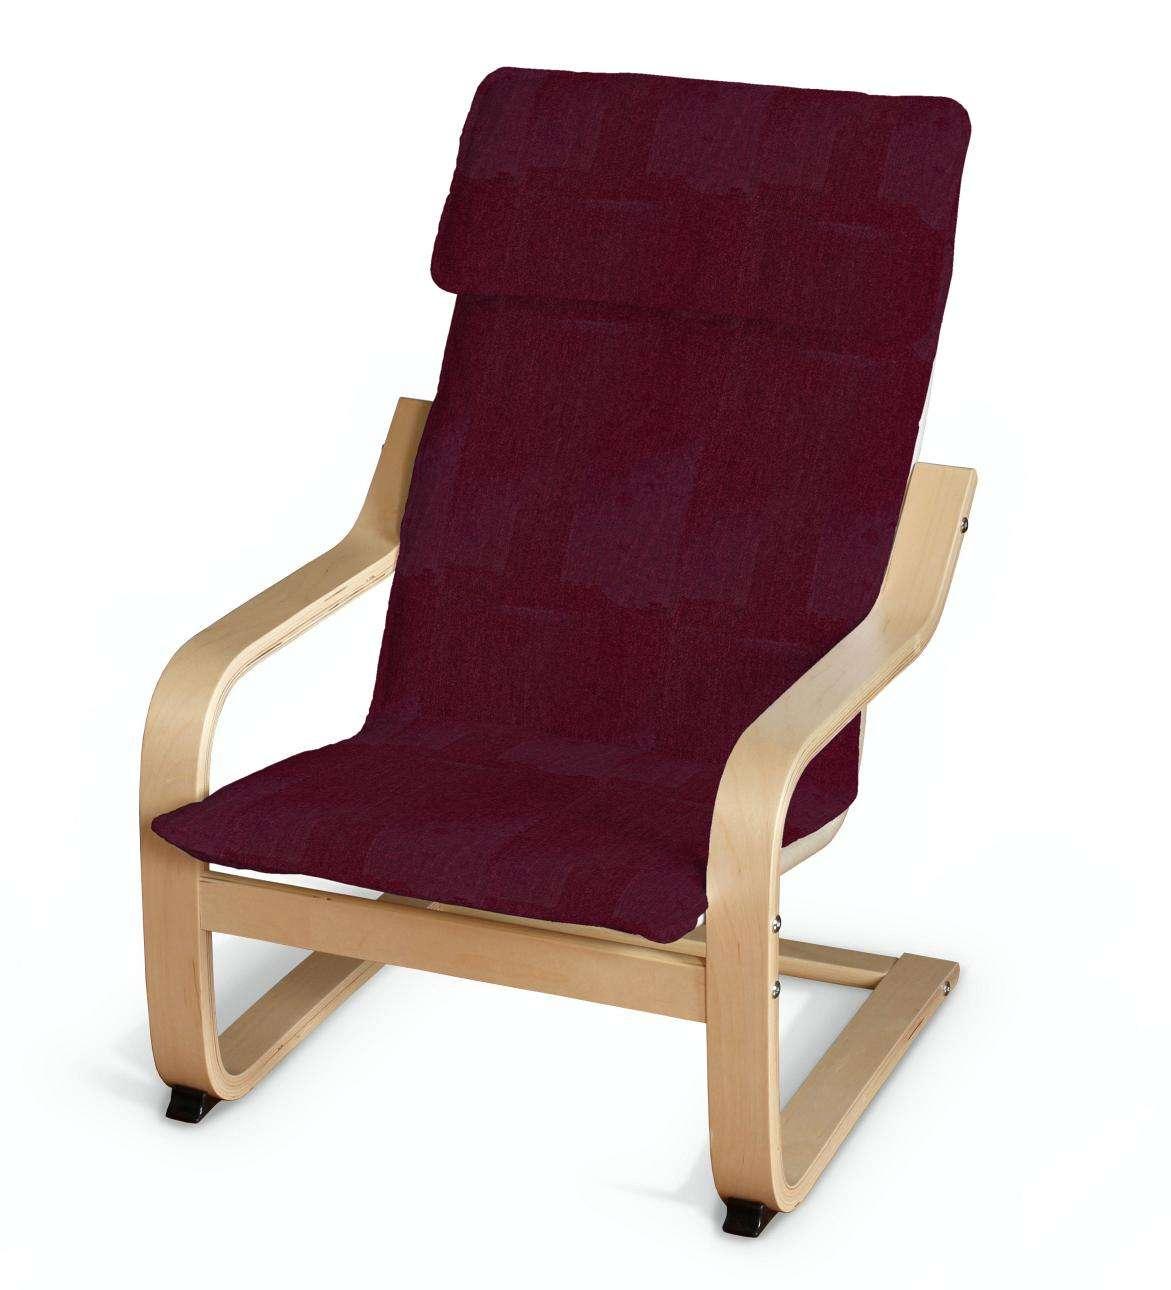 Sedák na dětské křeslo IKEA Poäng v kolekci Chenille , látka: 702-19